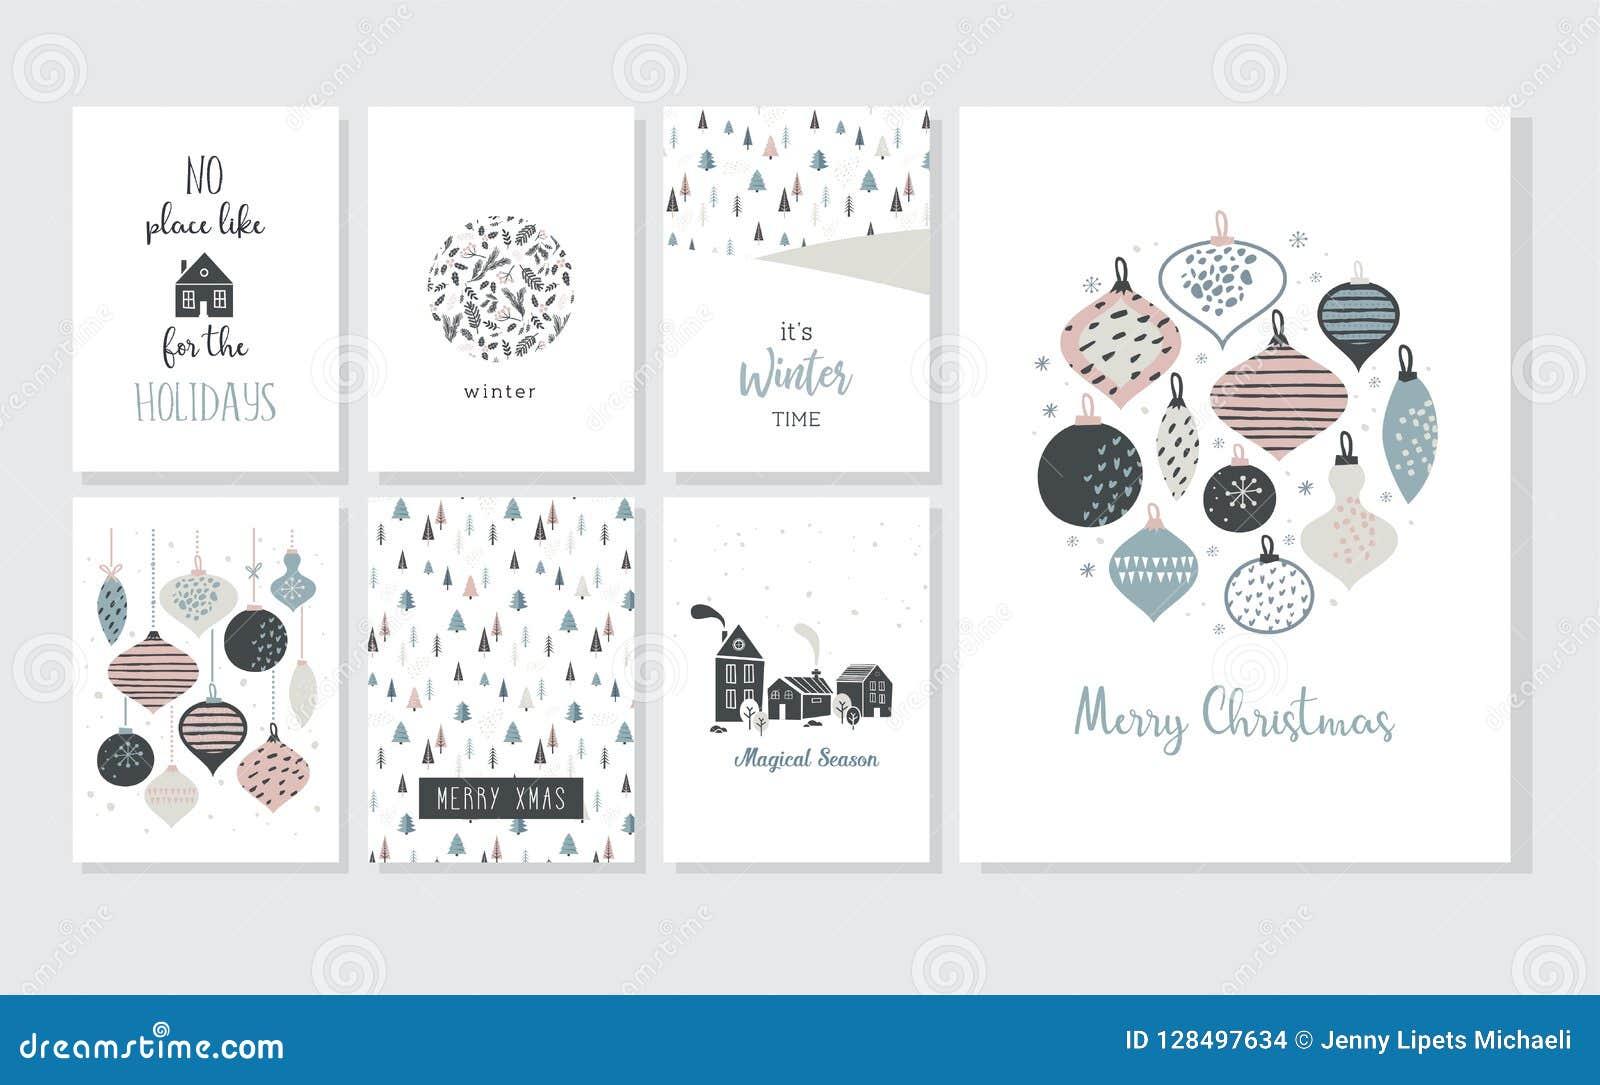 Αφίσα και ευχετήριες κάρτες Χριστουγέννων στο αναδρομικό ύφος Σφαίρες Χριστουγέννων στα χρώματα κρητιδογραφιών, το χειμερινό τοπί